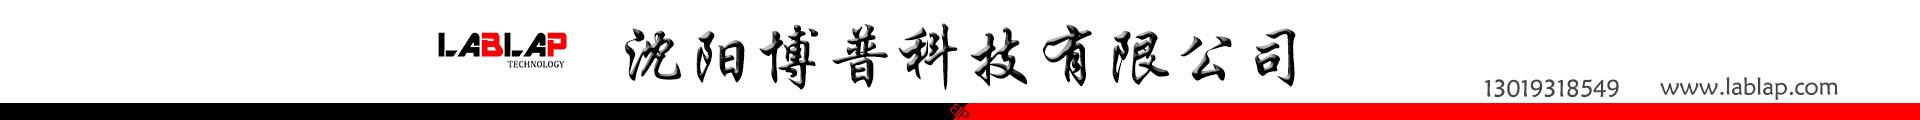 瀋陽博普科技有限公司